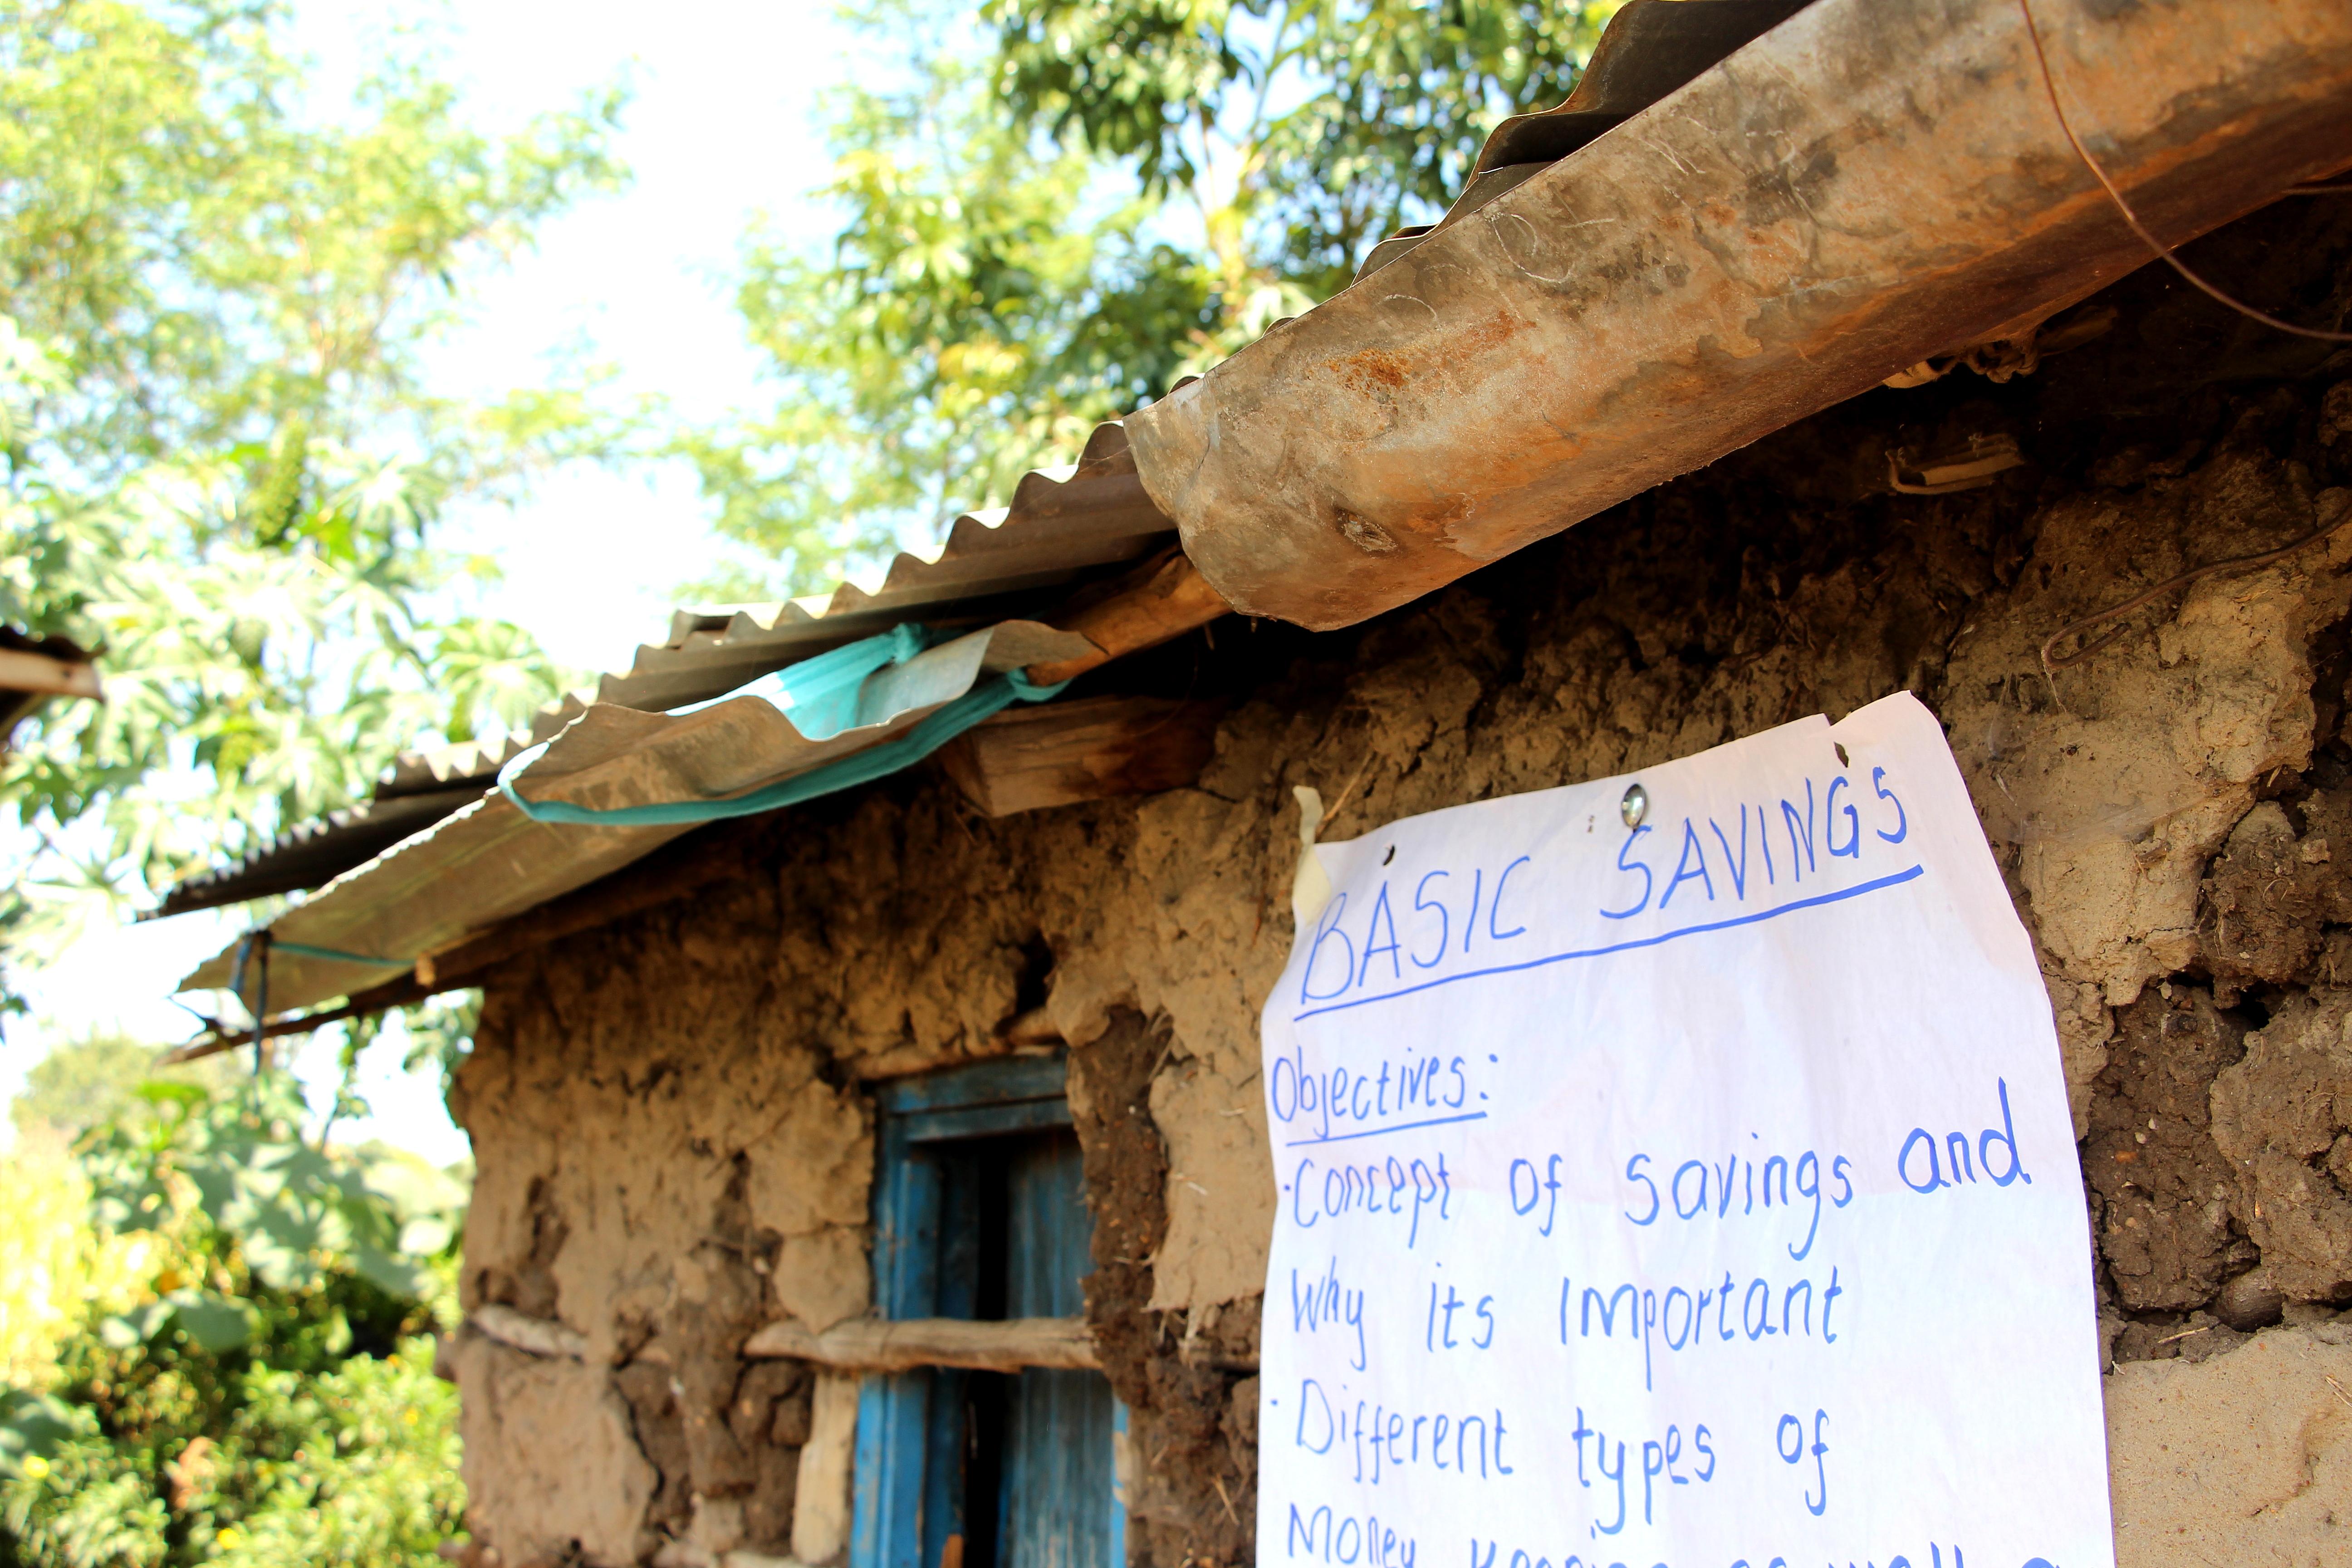 Village Enterprise basic savings training